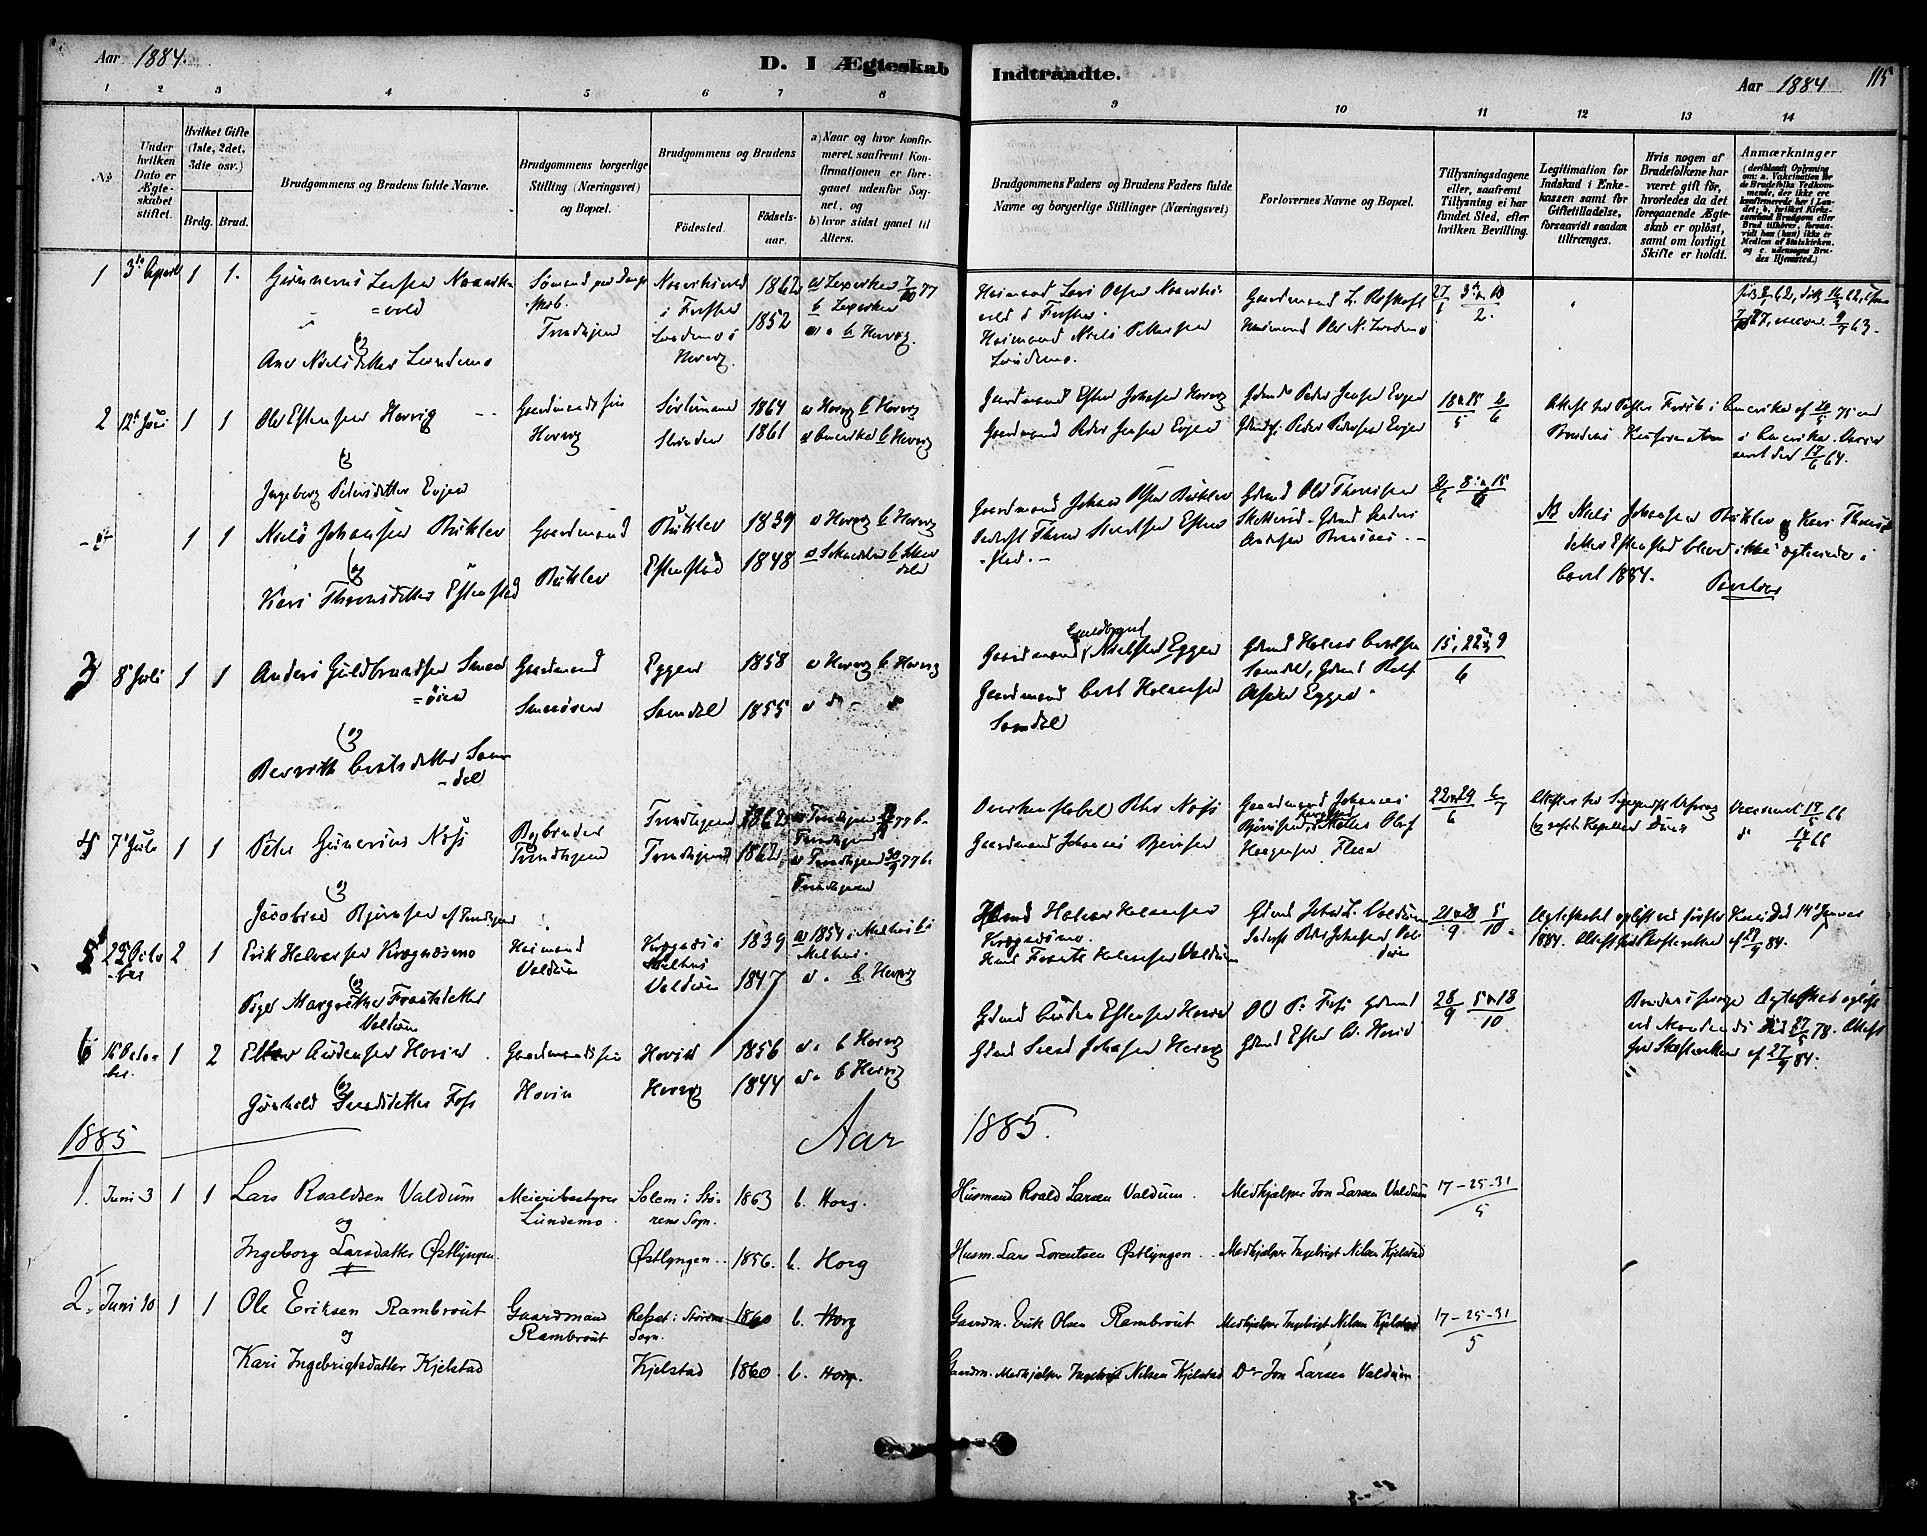 SAT, Ministerialprotokoller, klokkerbøker og fødselsregistre - Sør-Trøndelag, 692/L1105: Ministerialbok nr. 692A05, 1878-1890, s. 115